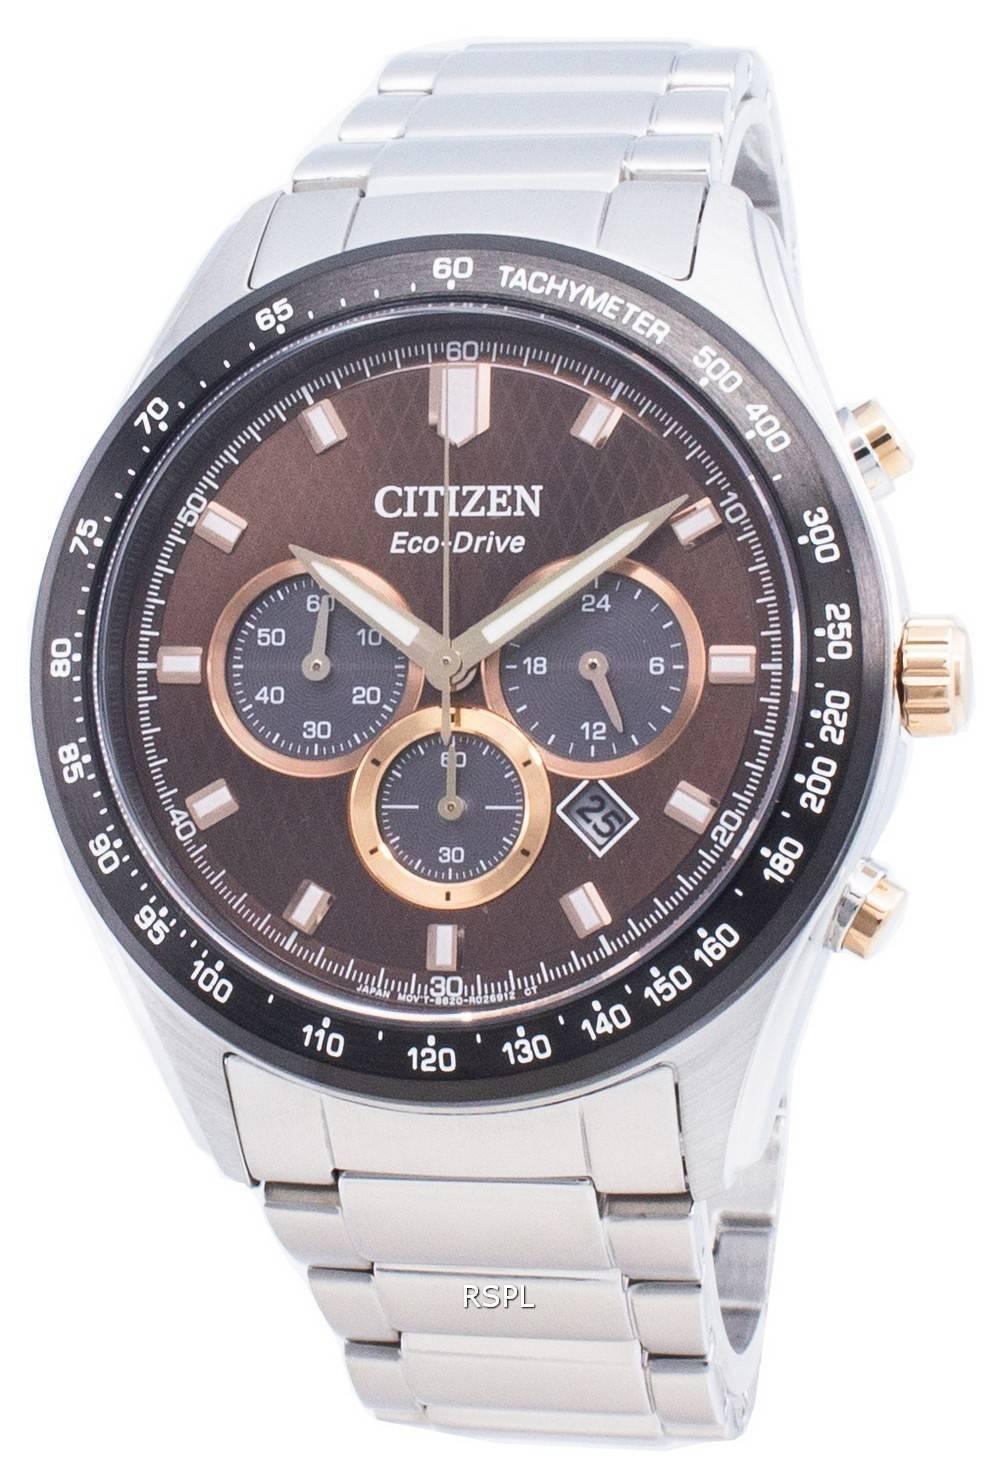 シチズンエコドライブCA4456-83Xタキメーターメンズ腕時計